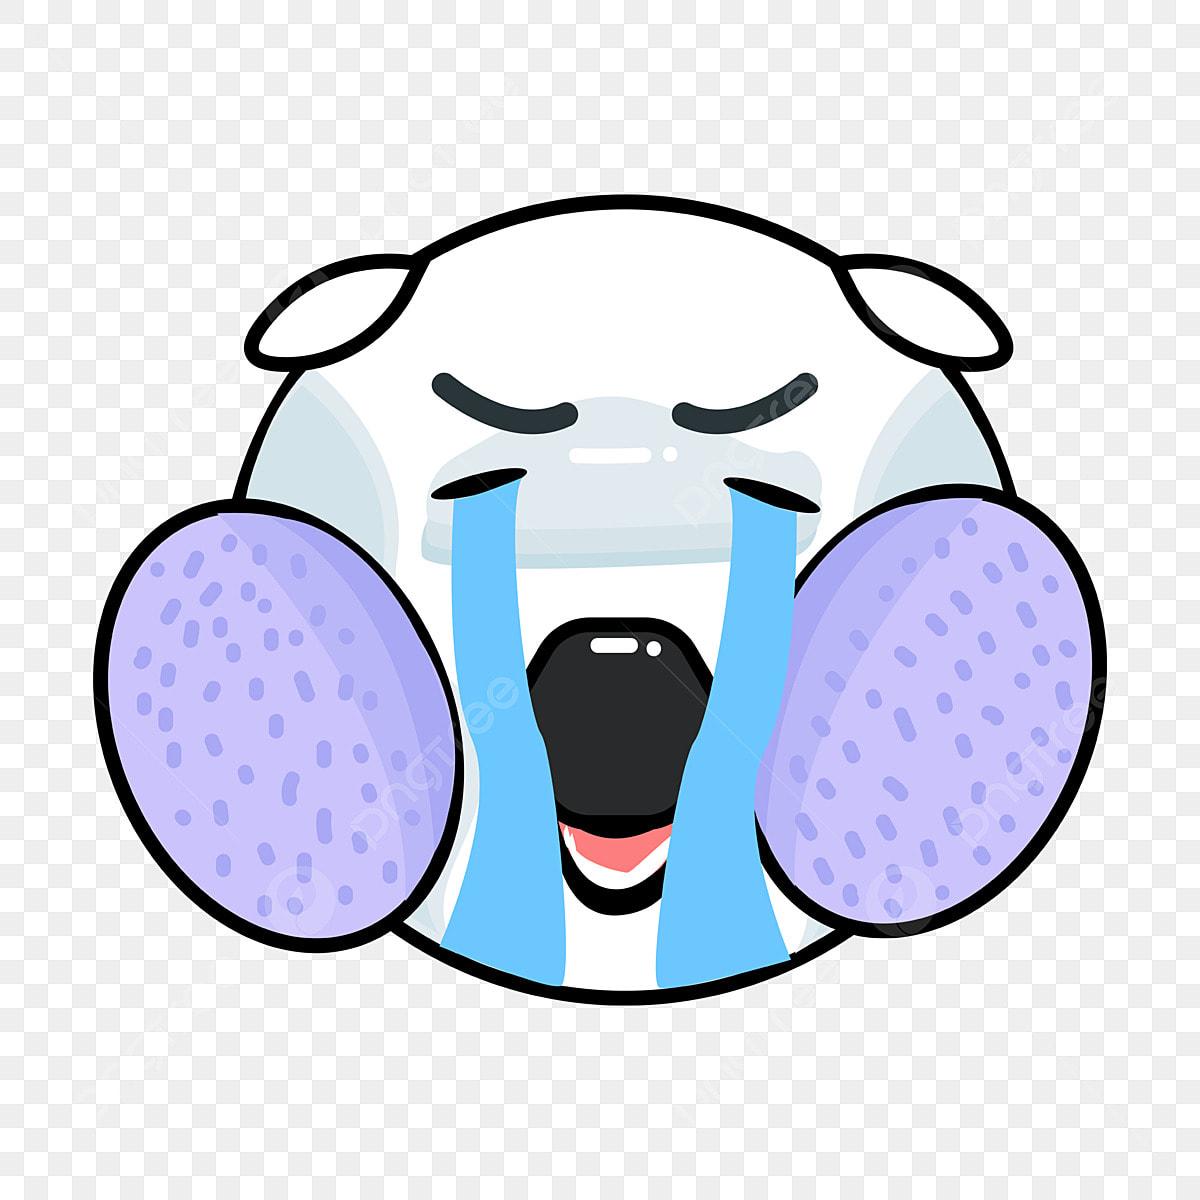 410 Koleksi Gambar Kartun Kepala Anjing Gratis Terbaik